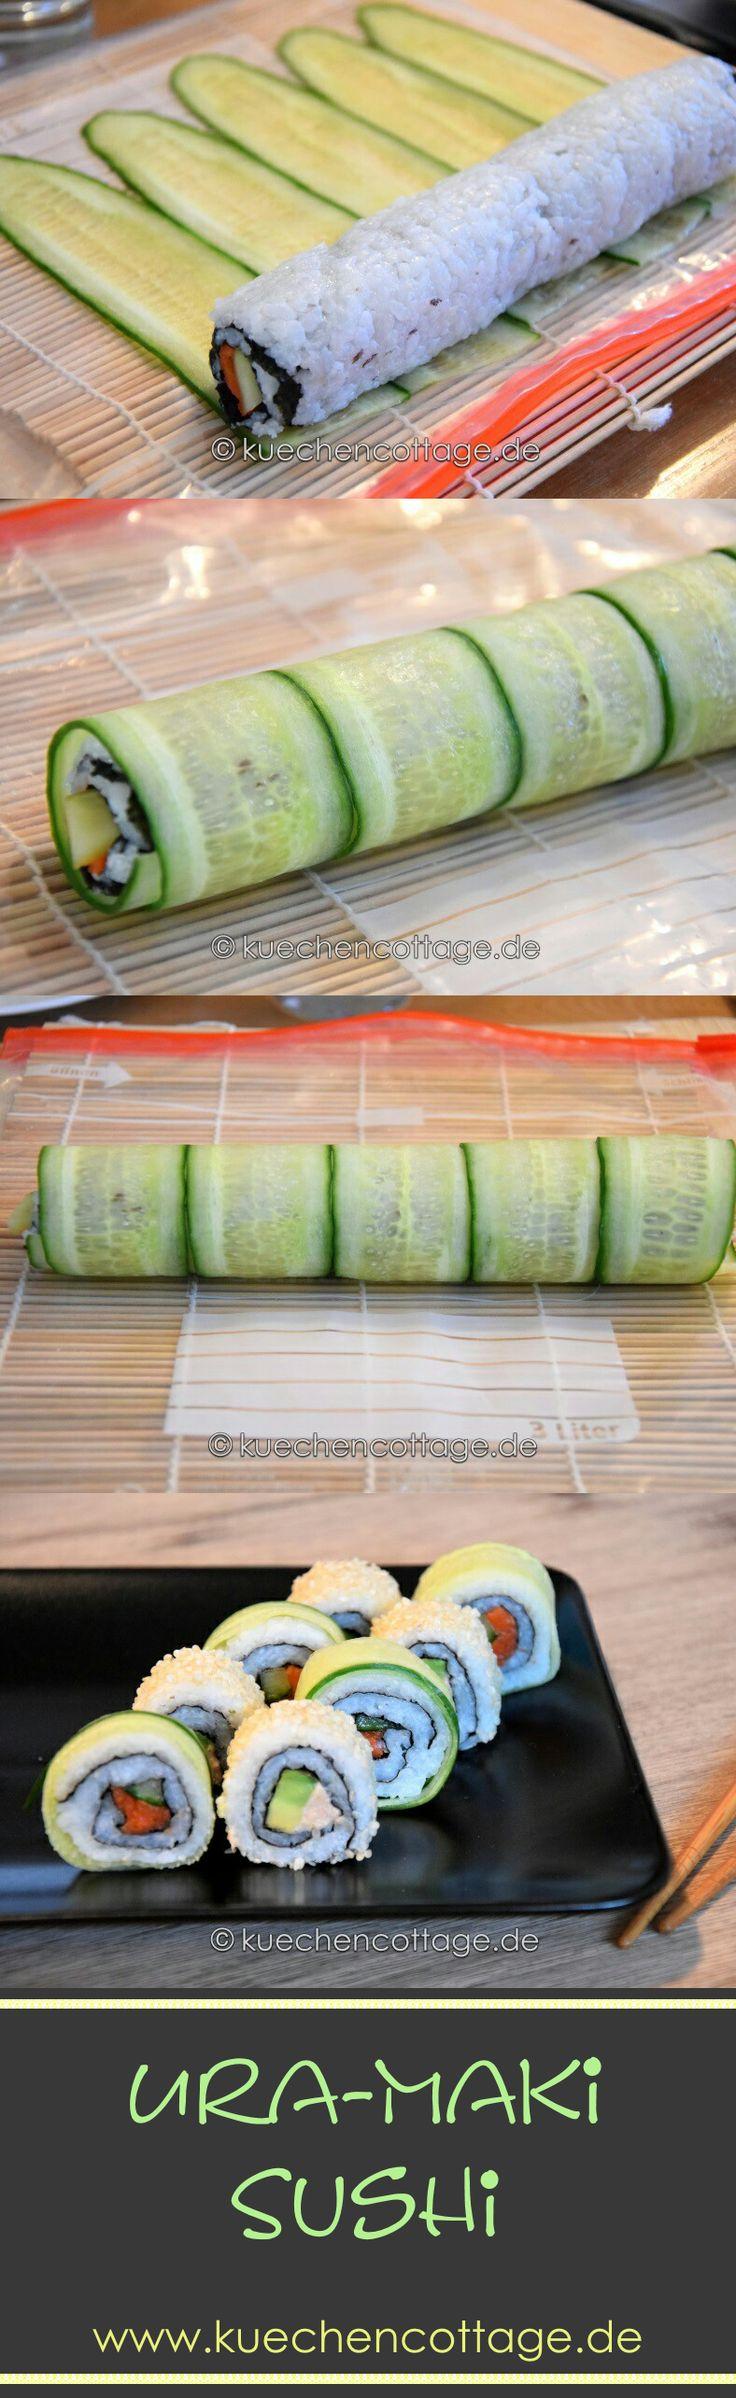 Großes Sushi Special | Küchencottage http://kuechencottage.de/sushi/ Großes Sushi-Special bei Küchencottage. Leckere Kombinationen, Rezepte, Erklärungen und Anleitungen. #sushi #rezepte #anleitung #erklärung #arten #uramaki #maki #kochen #gesund #modern #ideen #blog